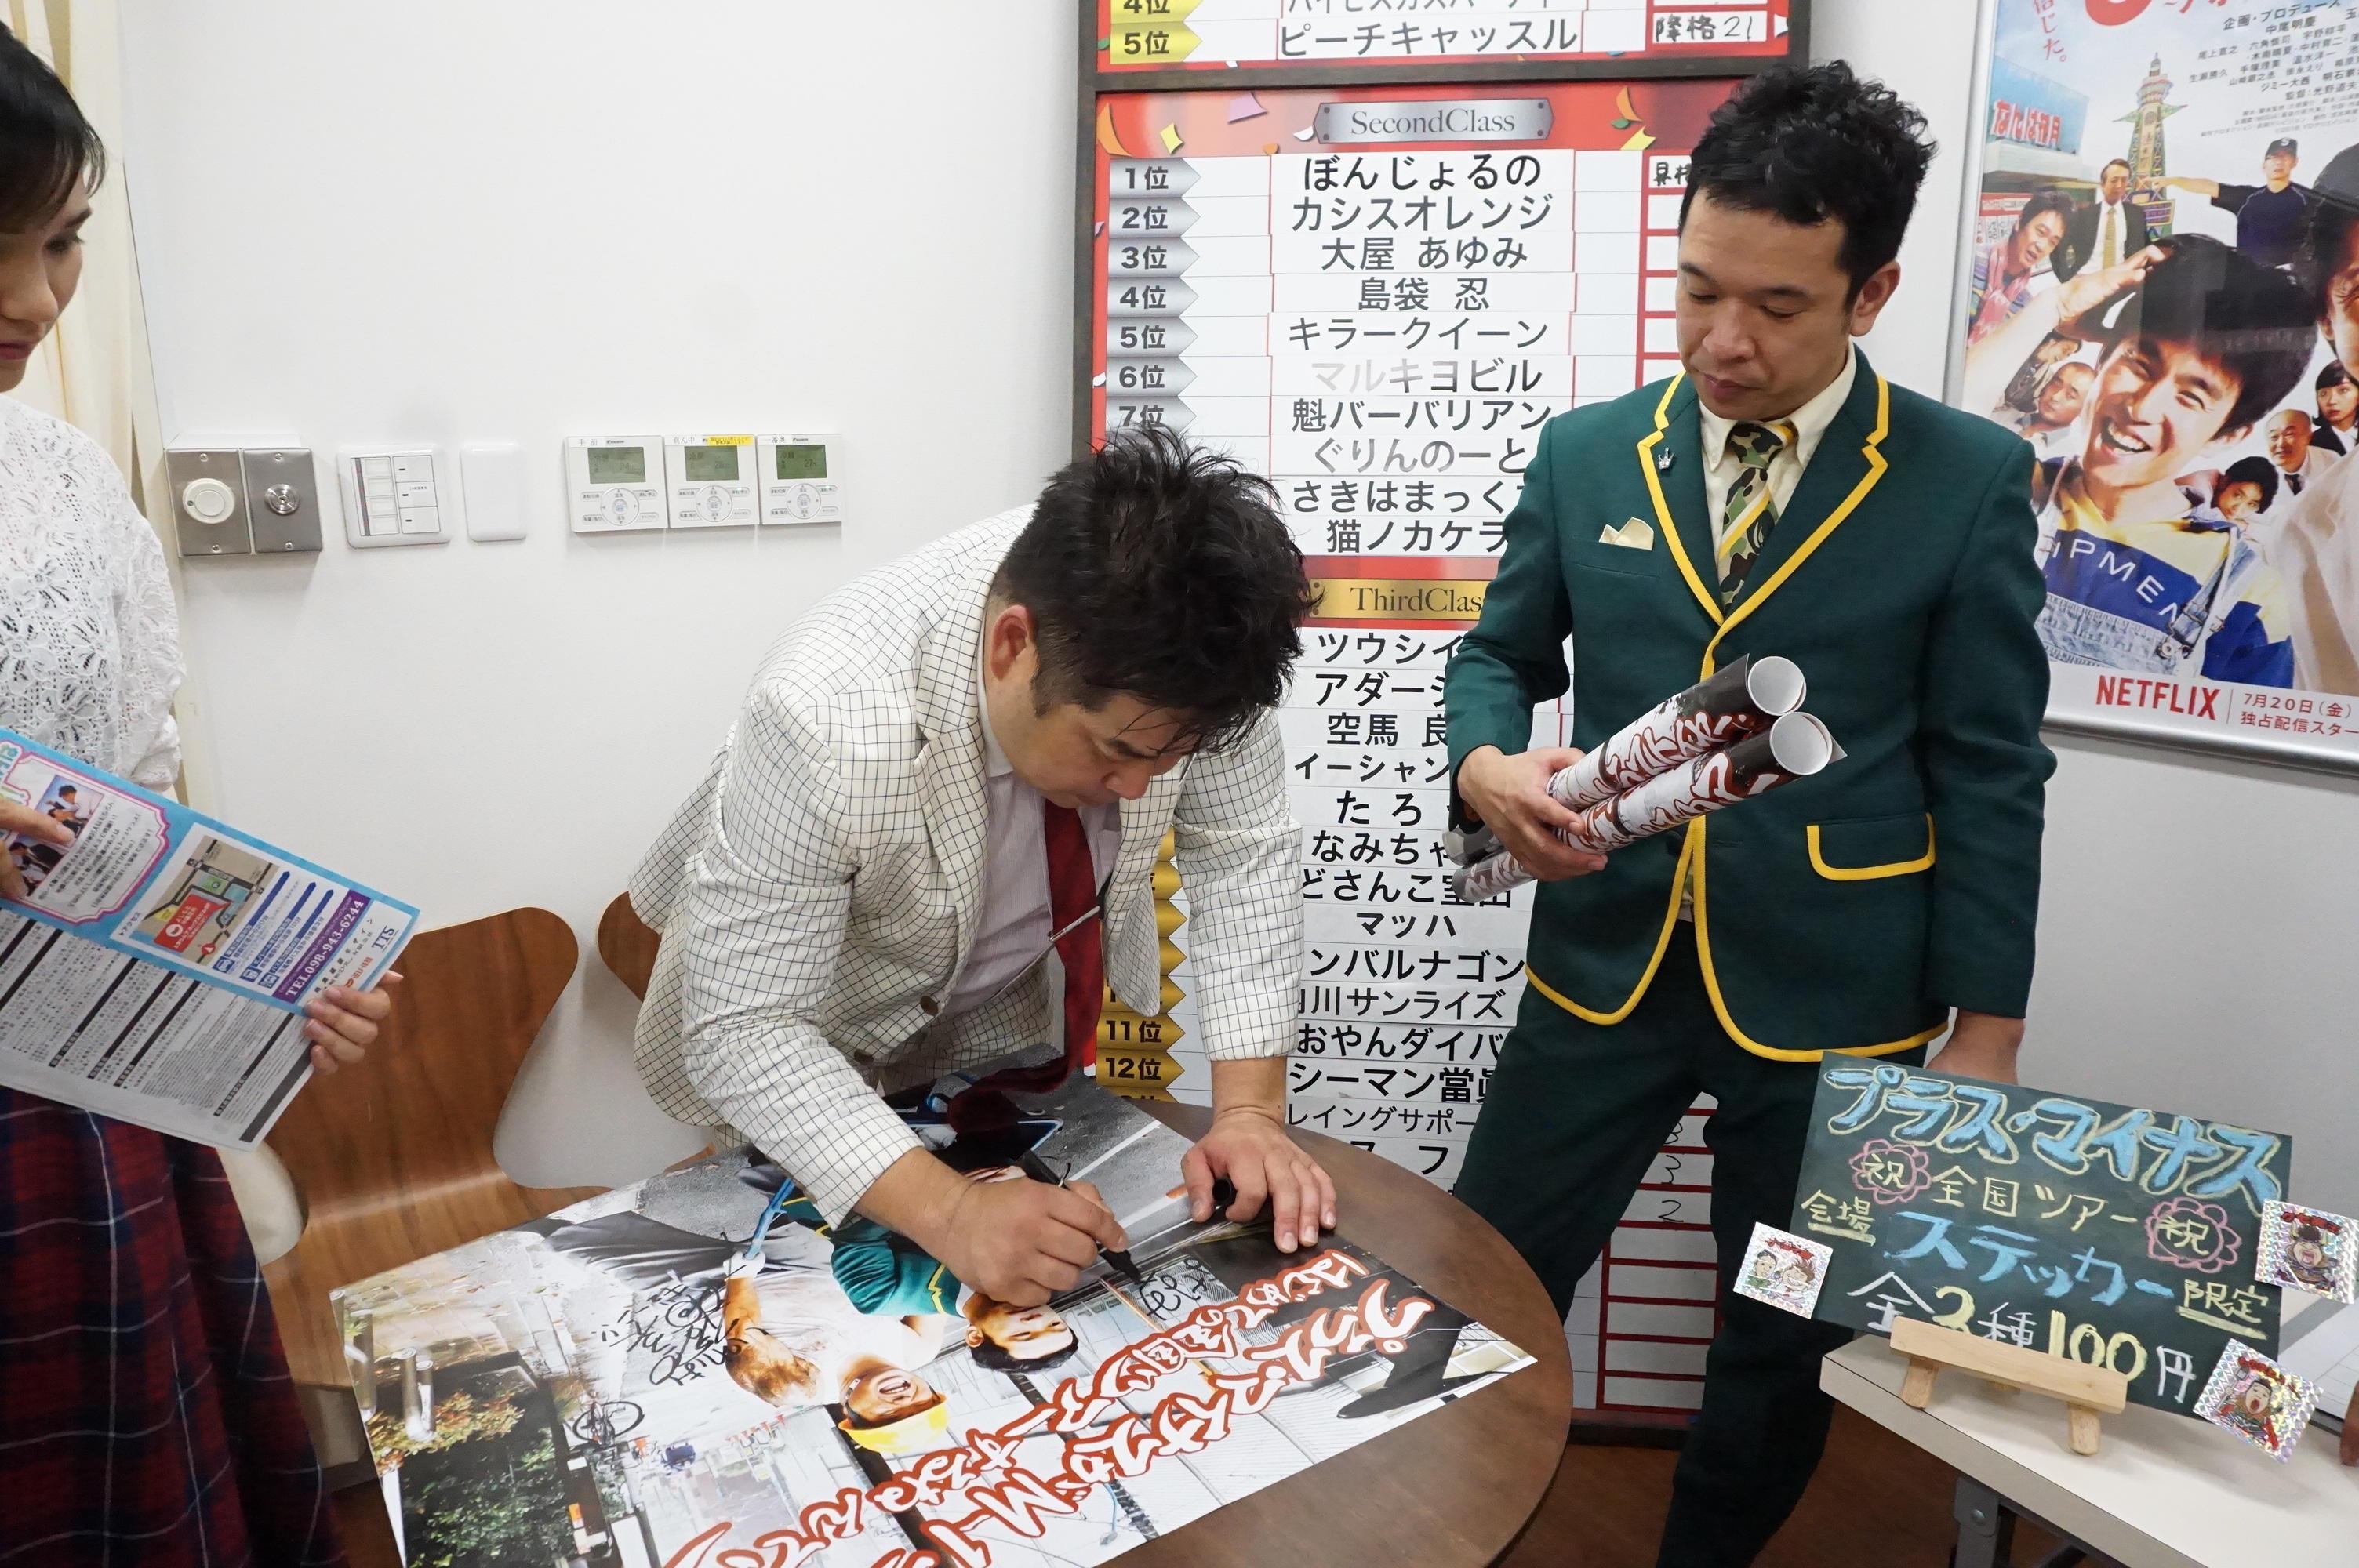 http://news.yoshimoto.co.jp/20180806141719-011b62d65c984cdfebcd766d895ed7e1acf55e42.jpg